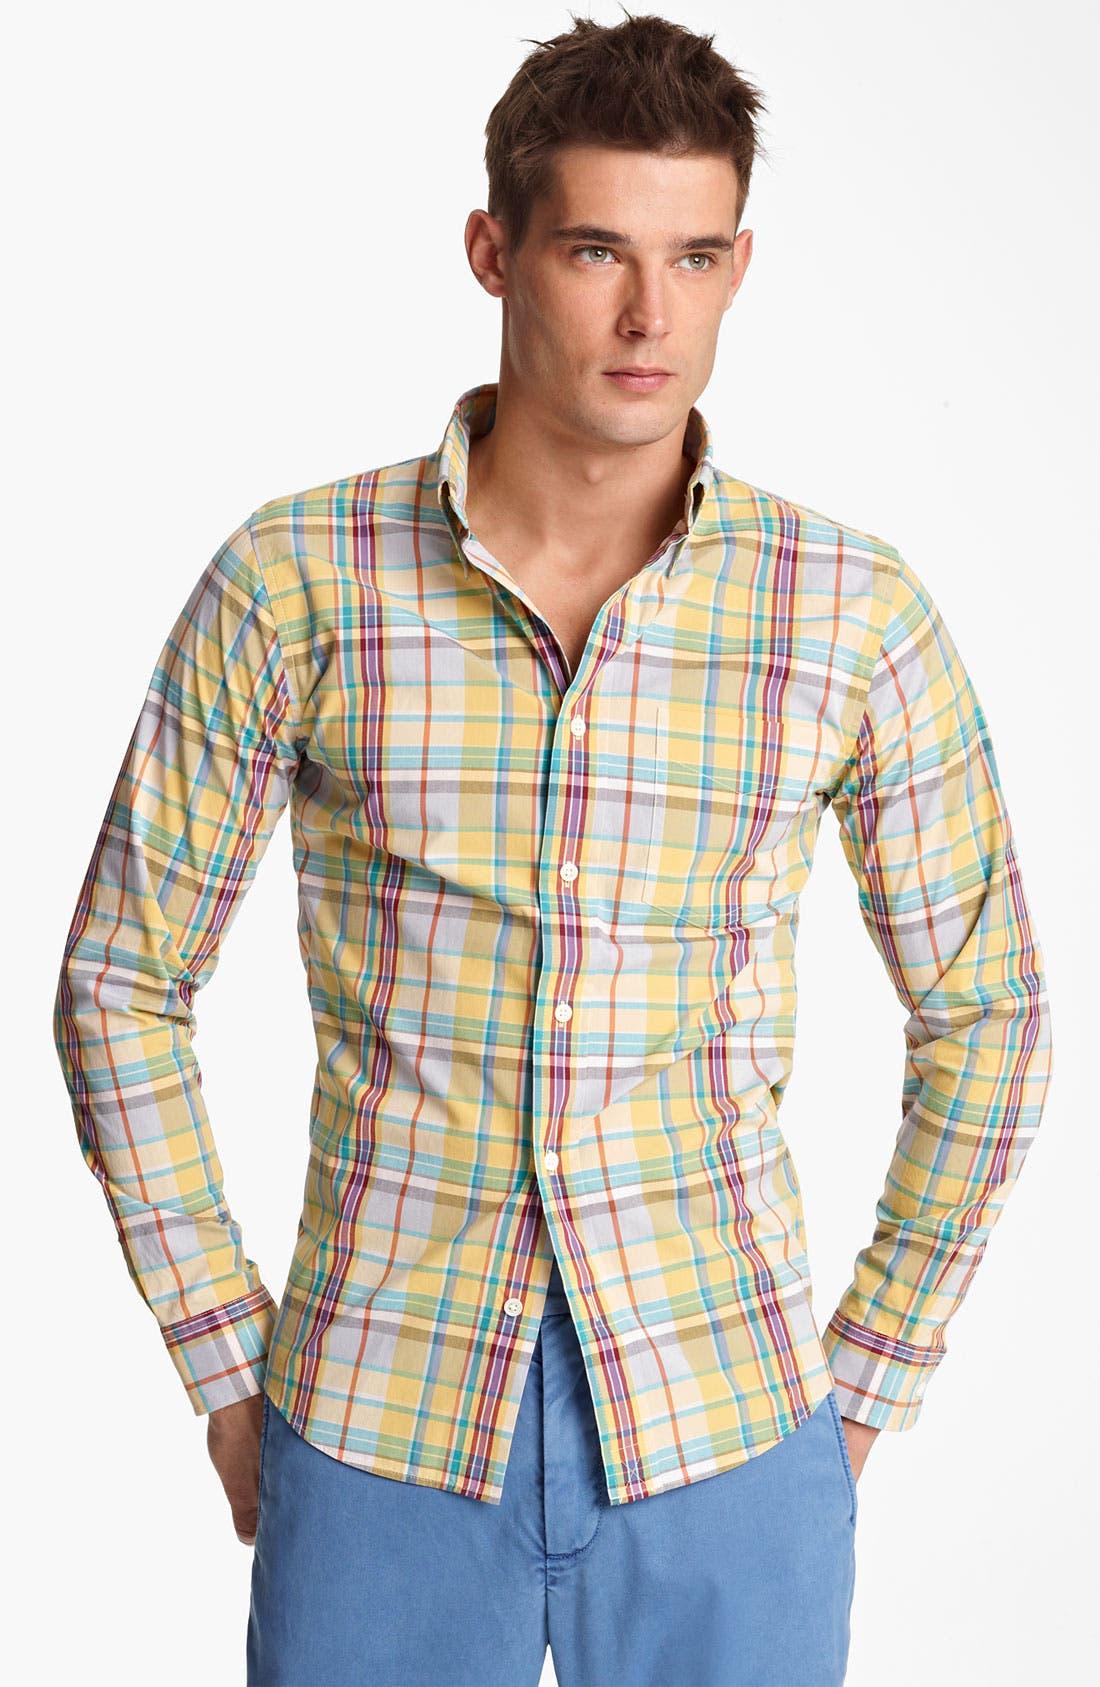 Main Image - Jack Spade 'Jasper' Plaid Shirt